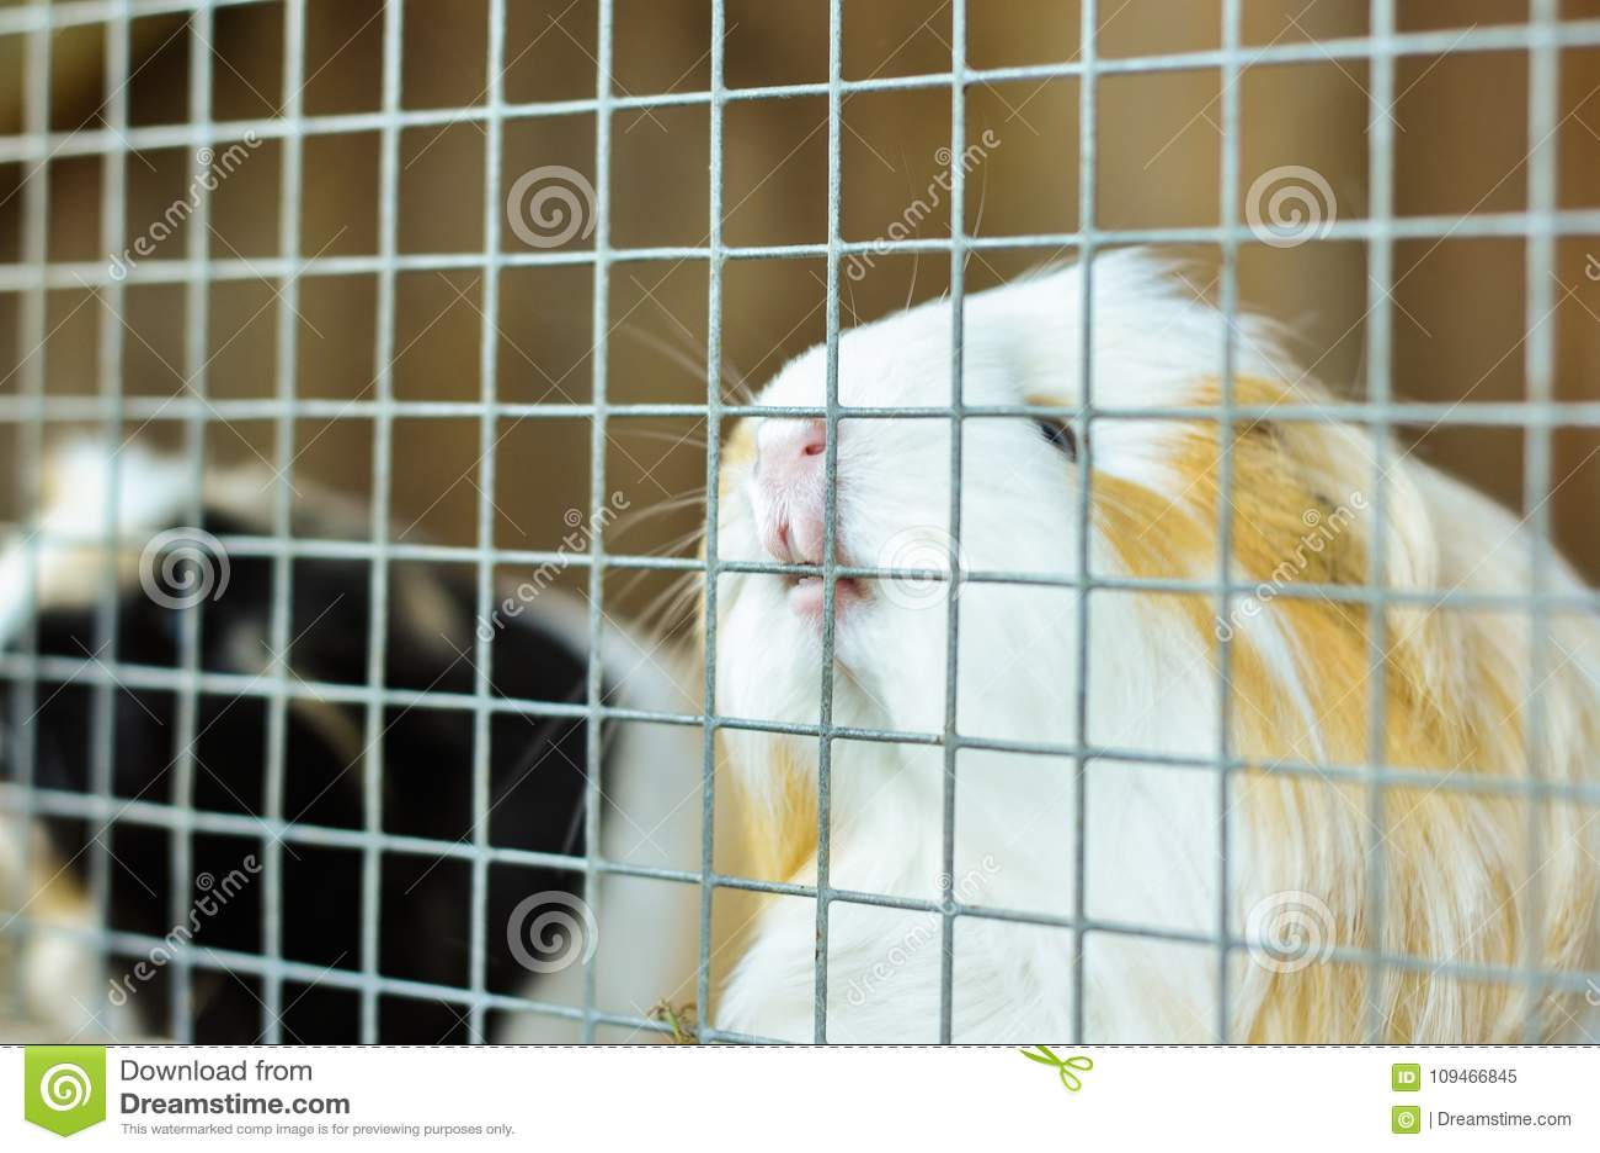 Proefkonijn het bijten op de bars van zijn kooi